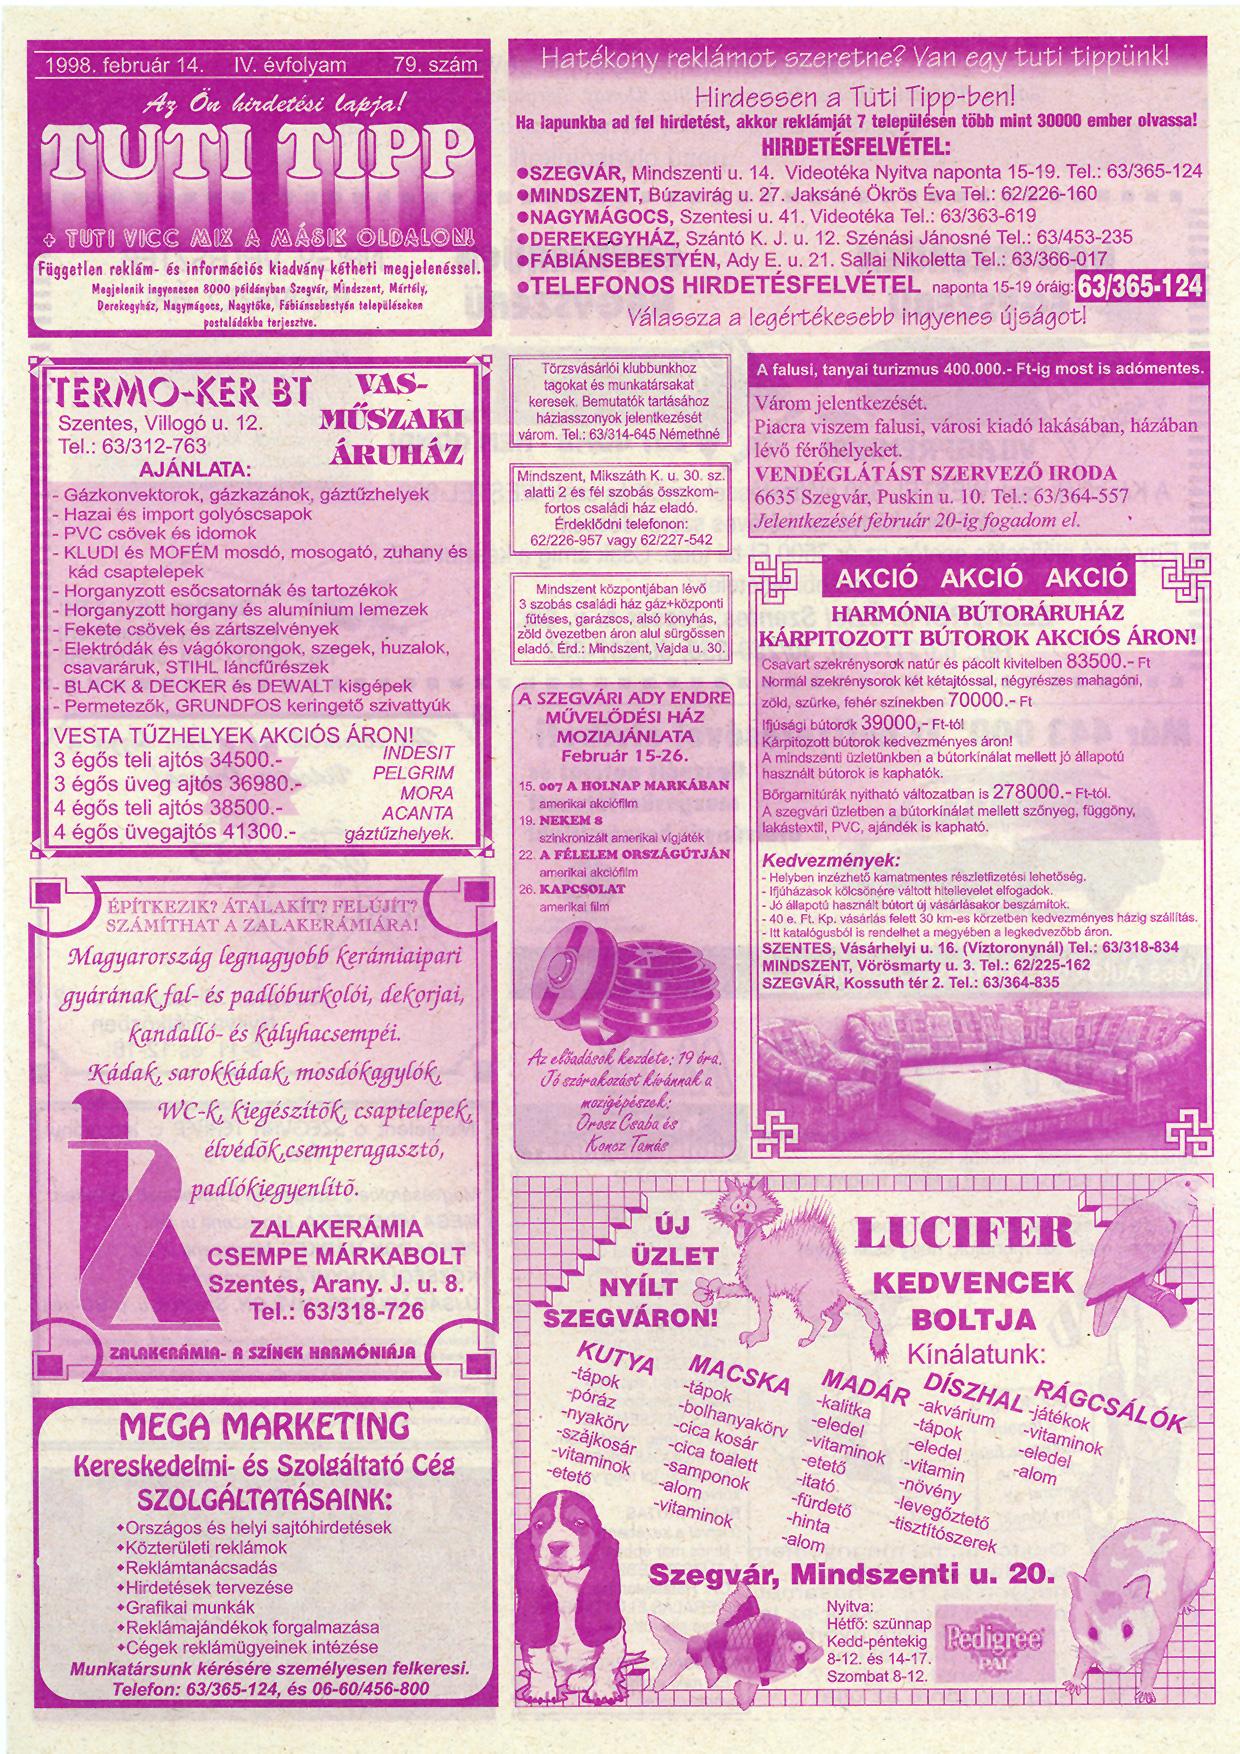 003 Tuti Tipp reklámújság - 19980214-079. lapszám - 1.oldal - IV. évfolyam.jpg